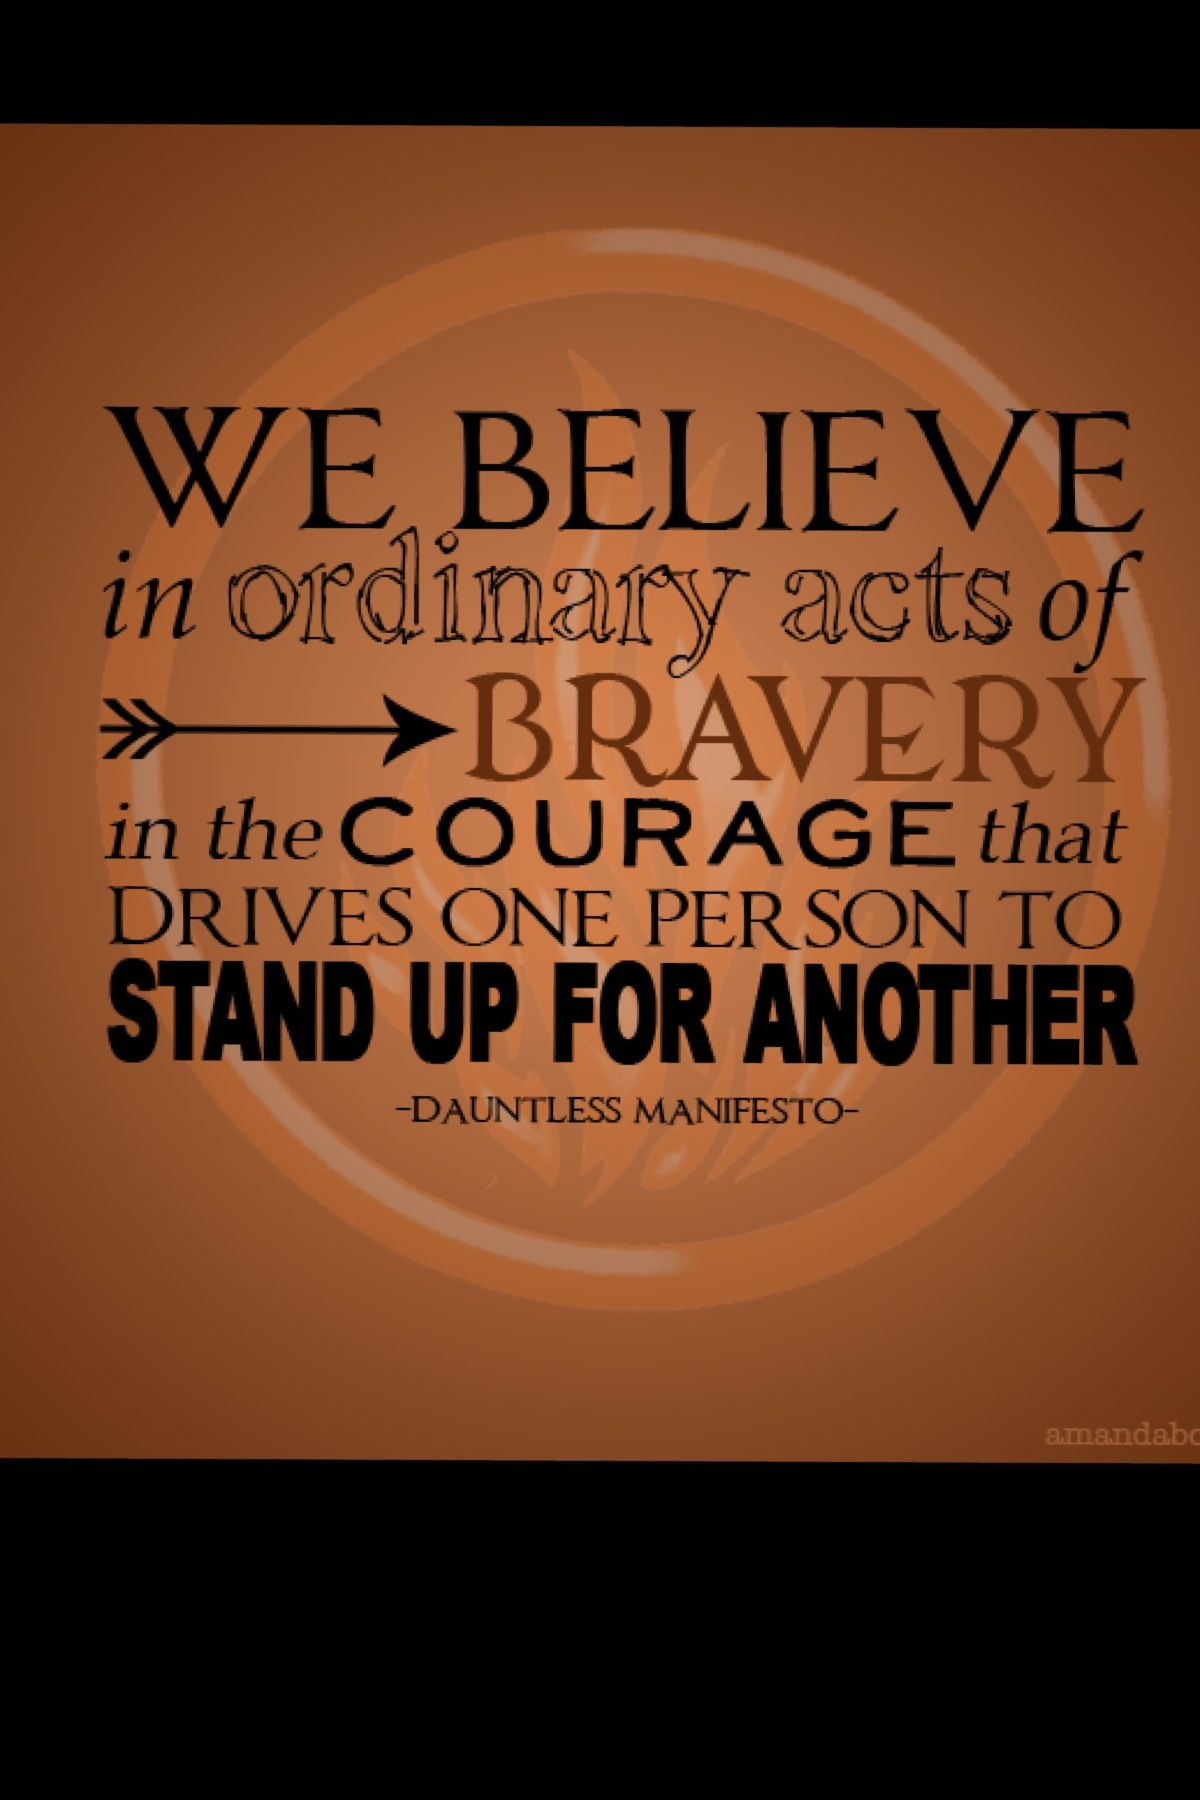 divergent quote | Divergent quotes, Divergent, Divergent book